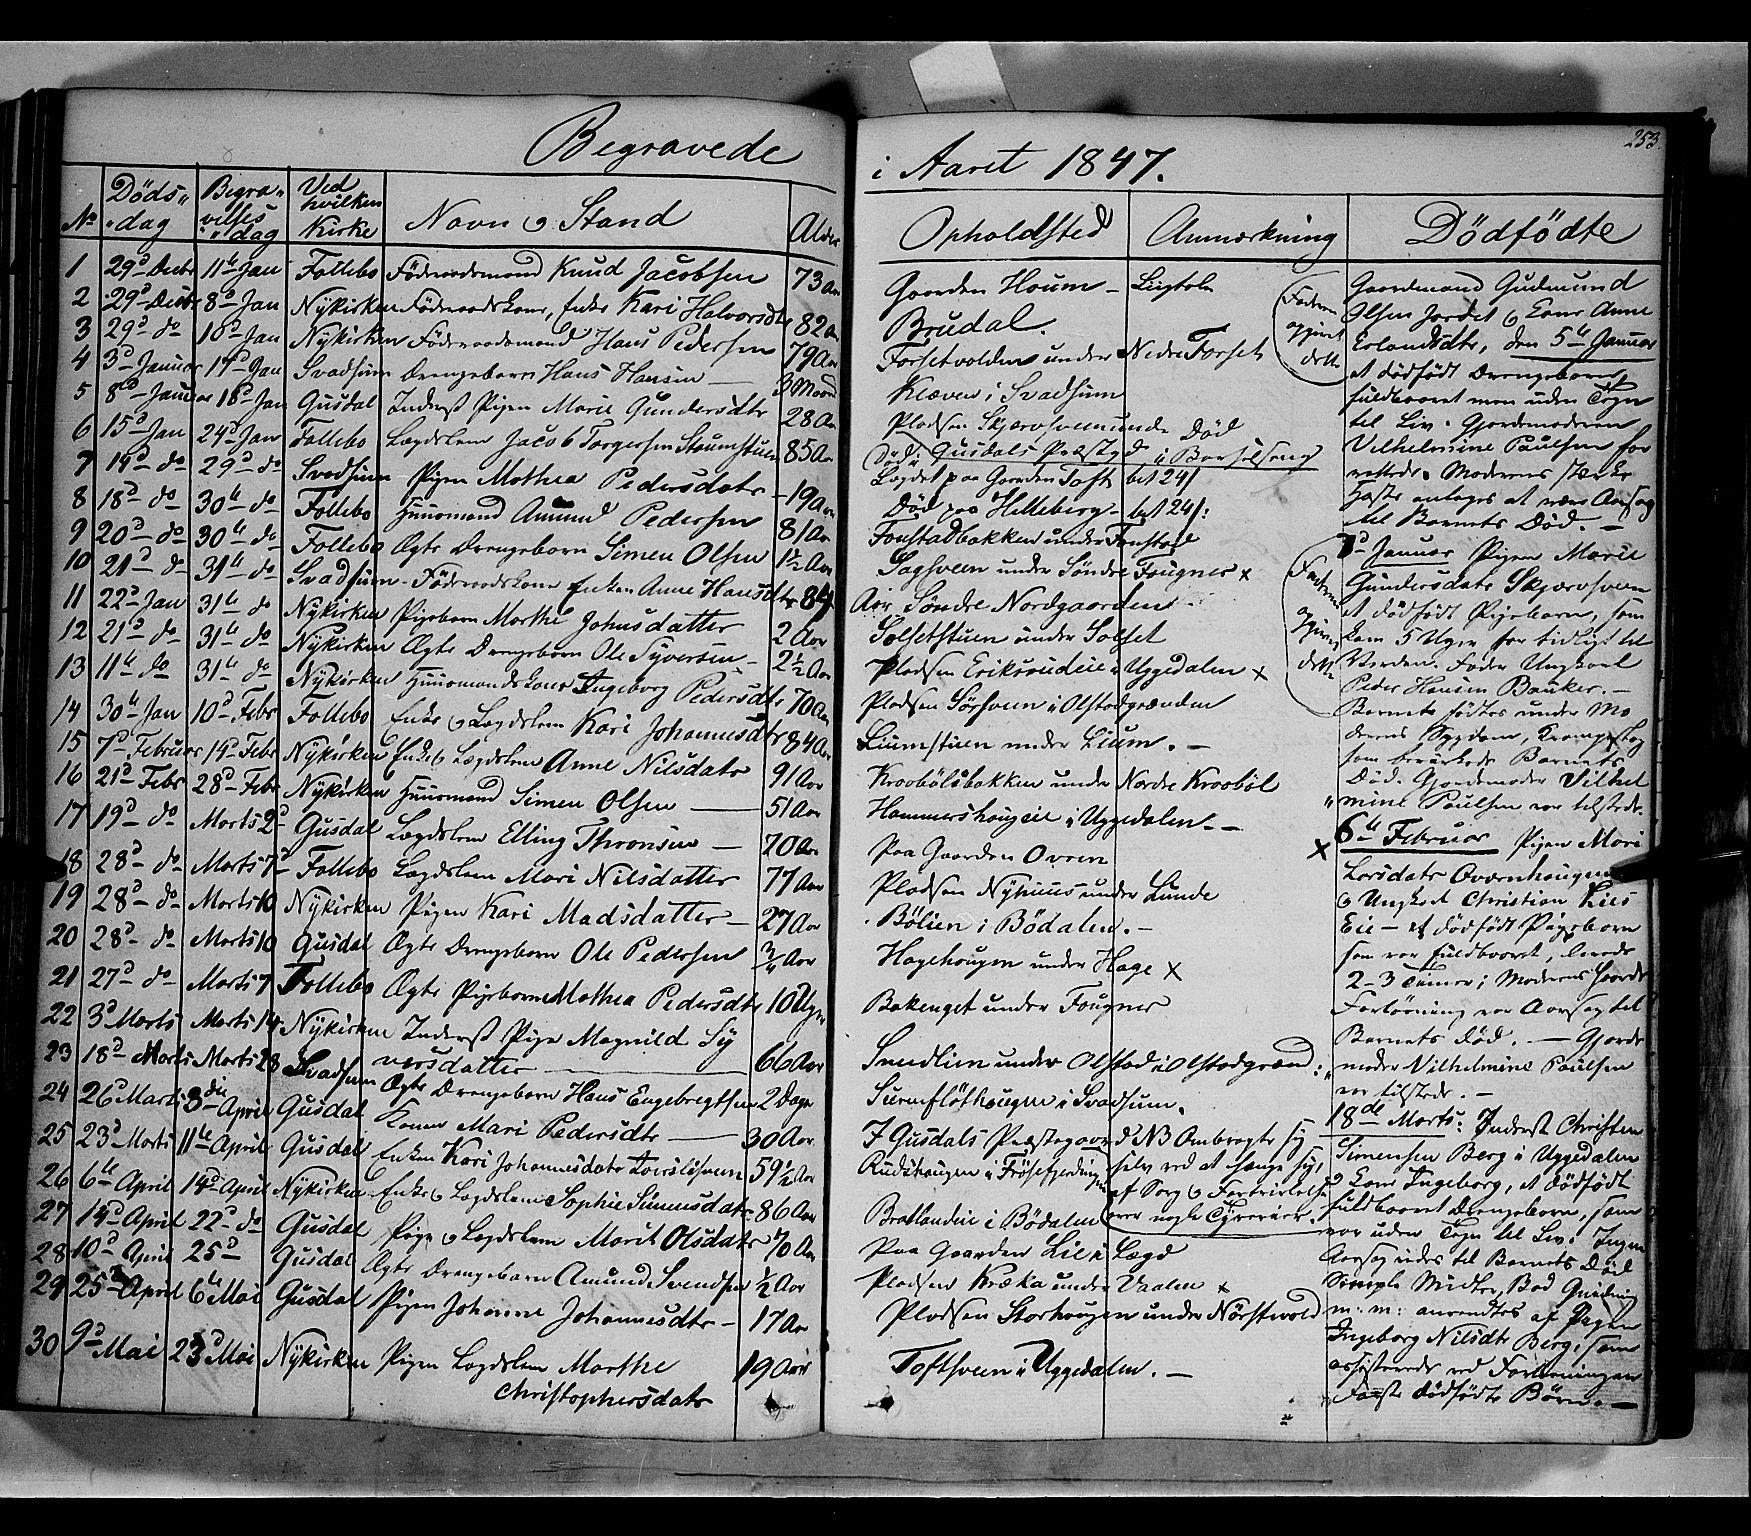 SAH, Gausdal prestekontor, Parish register (official) no. 7, 1840-1850, p. 253